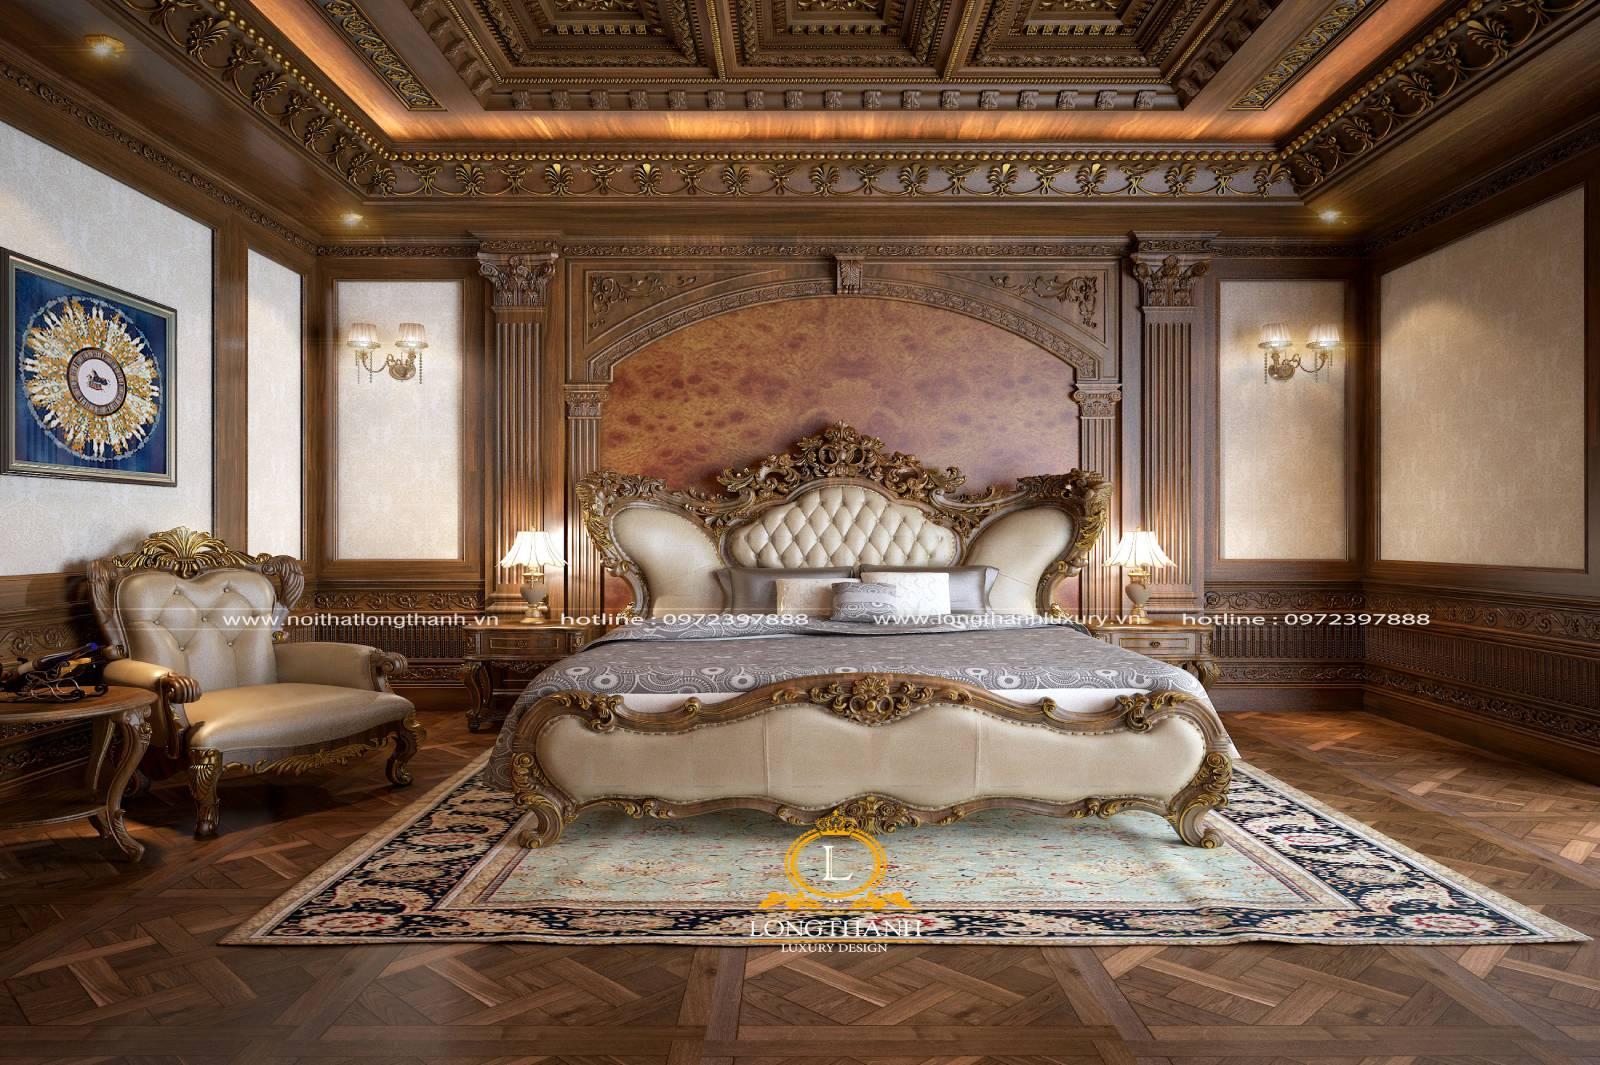 Mẫu giường ngủ cổ điển da tự nhiên tinh tế đẳng cấp cho phòng ngủ nhà biệt thự rộng